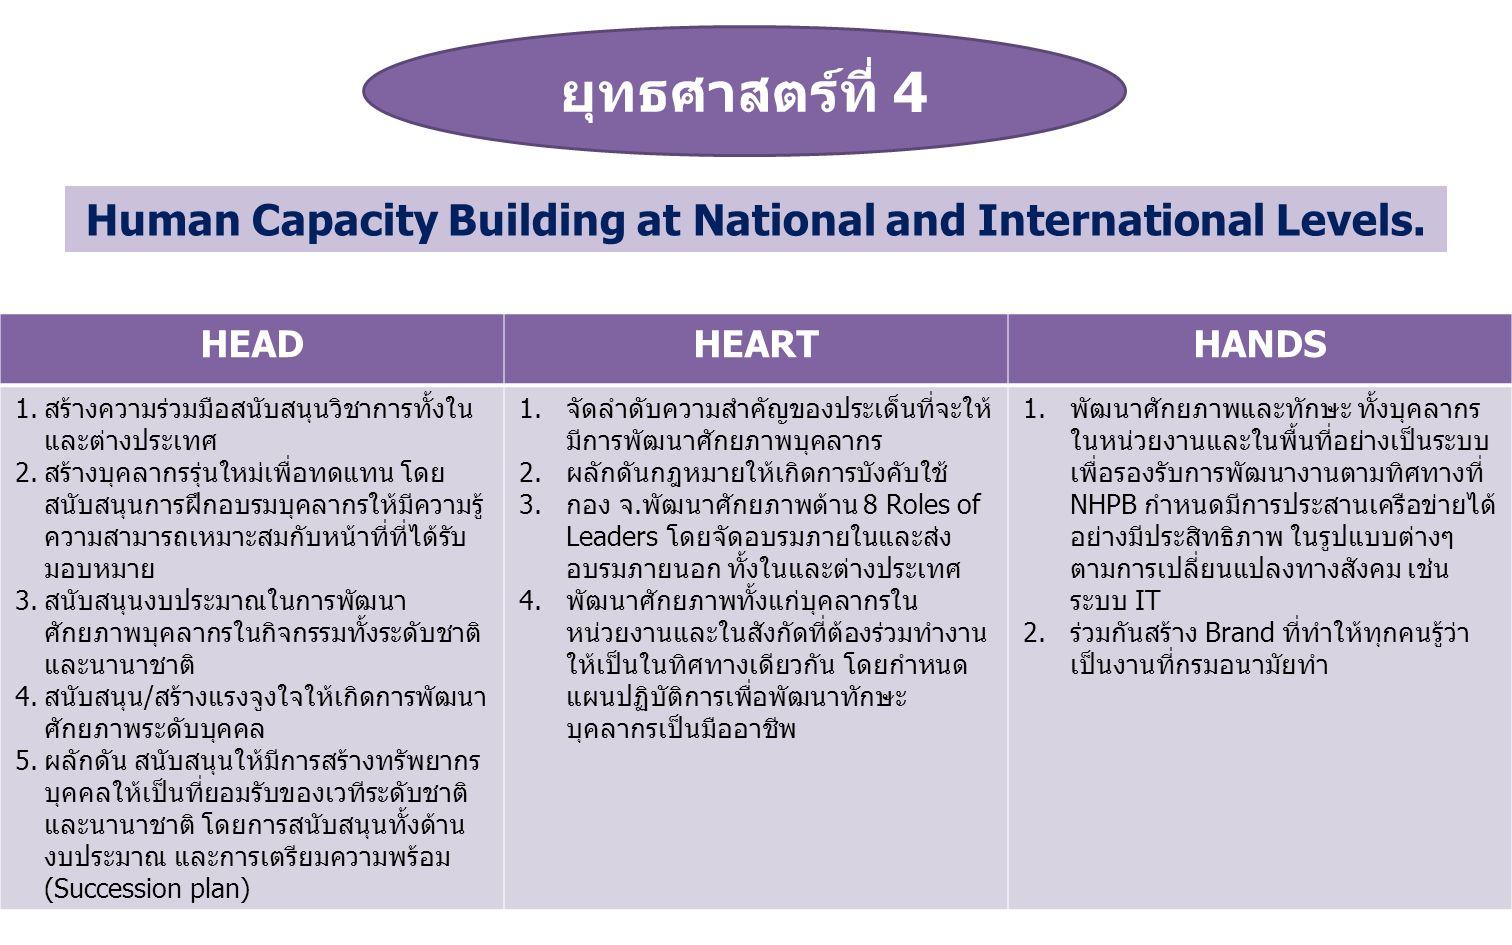 ยุทธศาสตร์ที่ 4 HEADHEARTHANDS 1.สร้างความร่วมมือสนับสนุนวิชาการทั้งใน และต่างประเทศ 2.สร้างบุคลากรรุ่นใหม่เพื่อทดแทน โดย สนับสนุนการฝึกอบรมบุคลากรให้